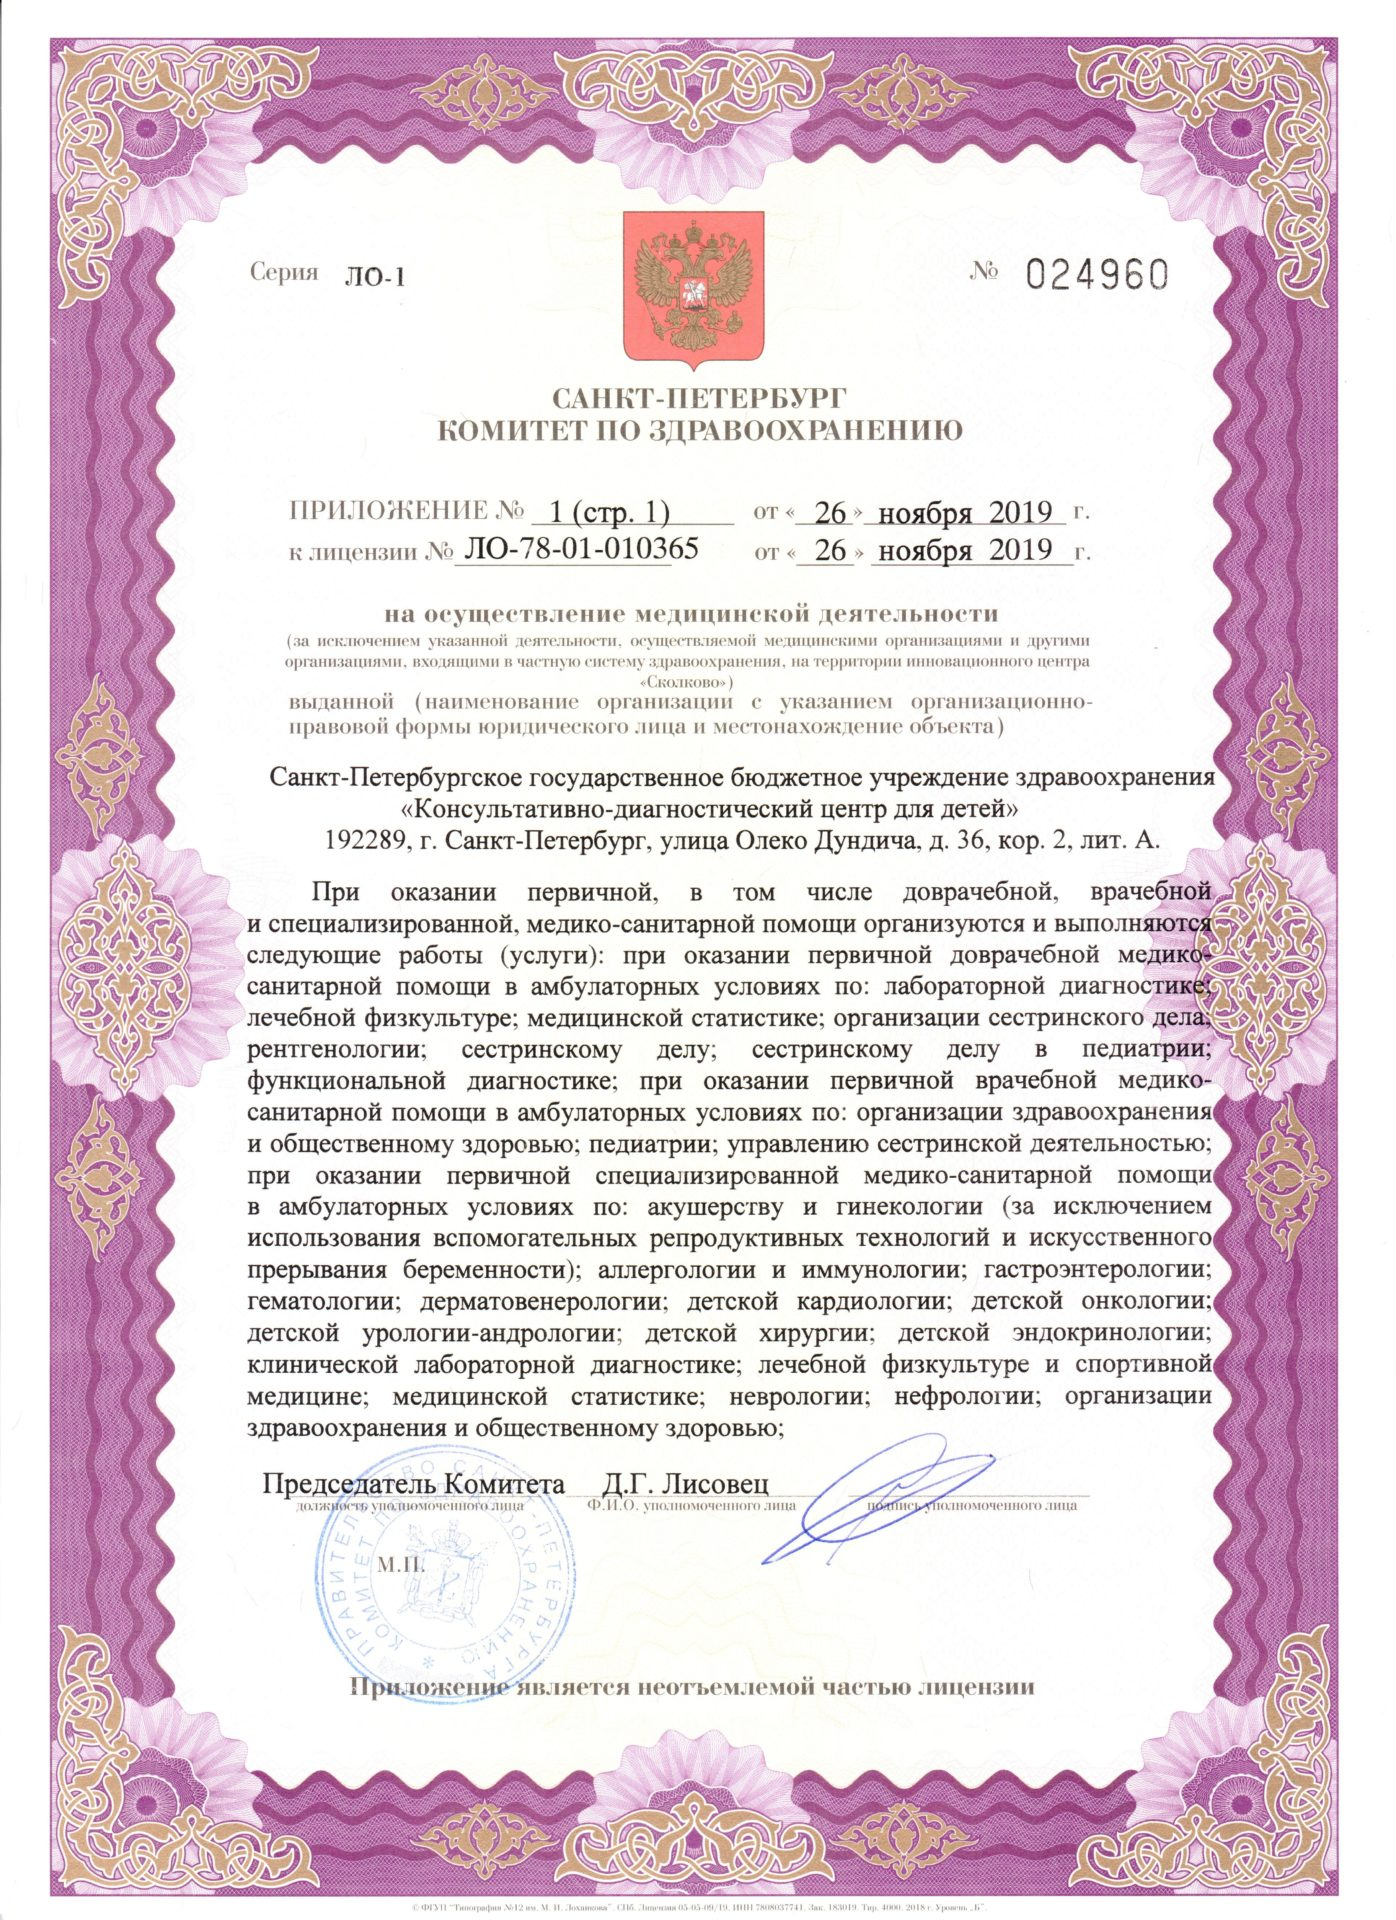 Лицензия на осуществление медицинской деятельности. Приложение 1.стр.1